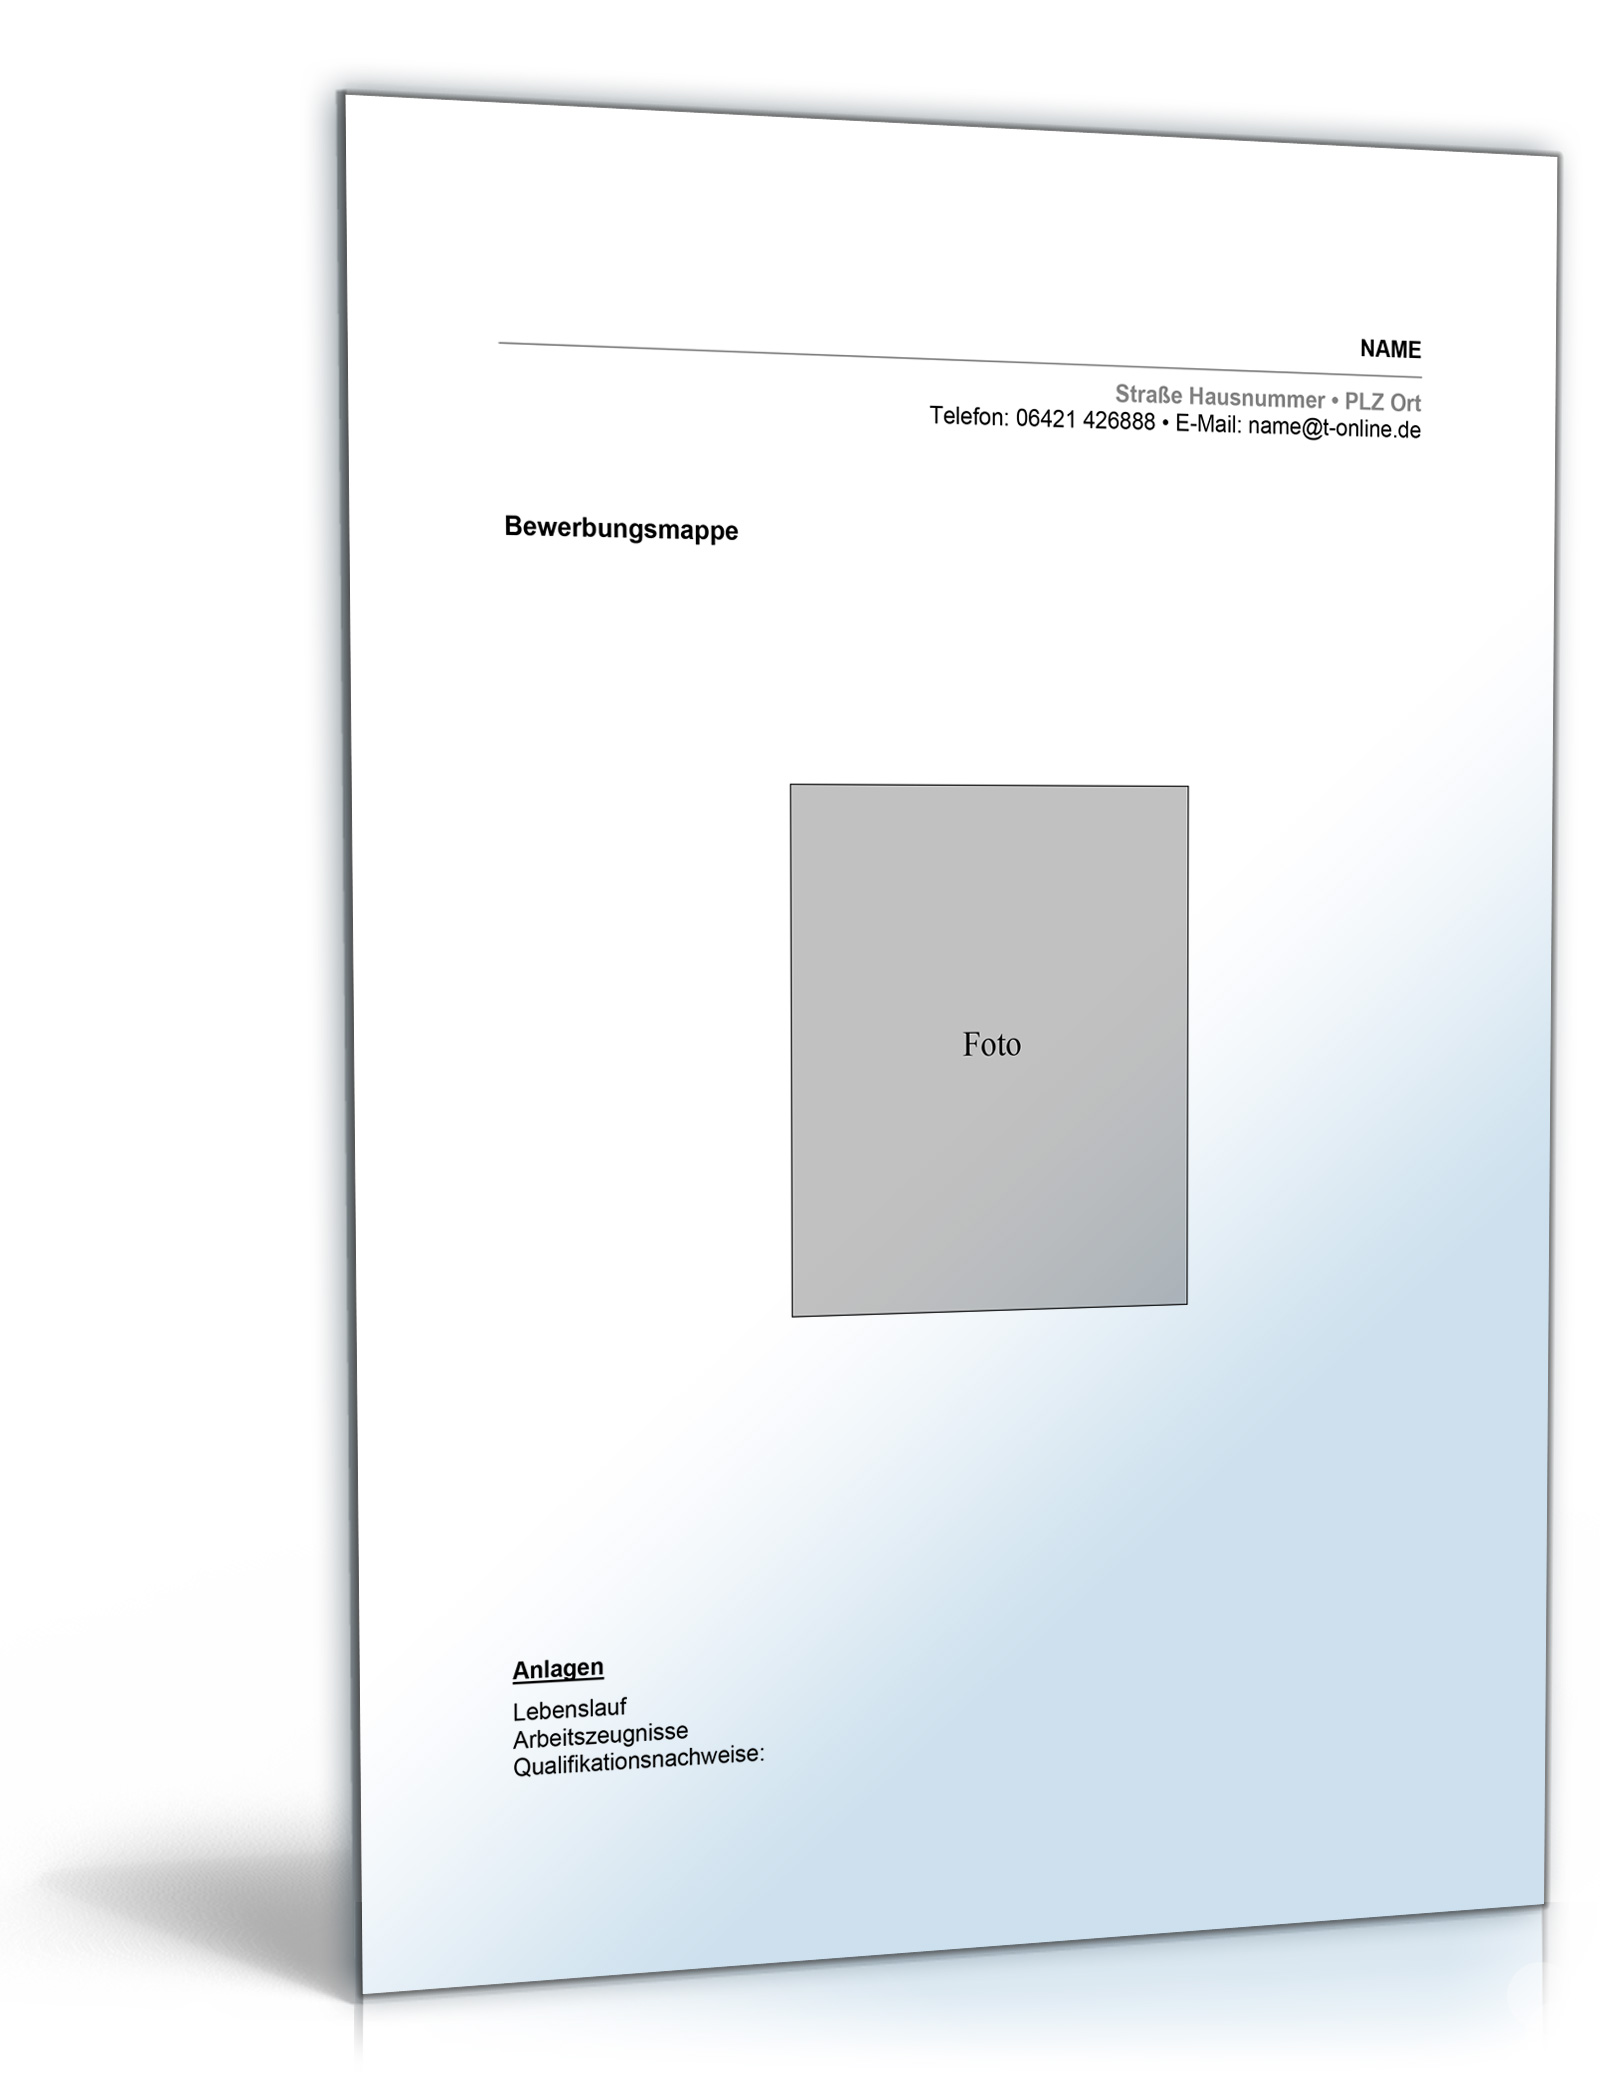 Nett Schwere Diesel Mechaniker Lebenslauf Probe Fotos - Entry Level ...